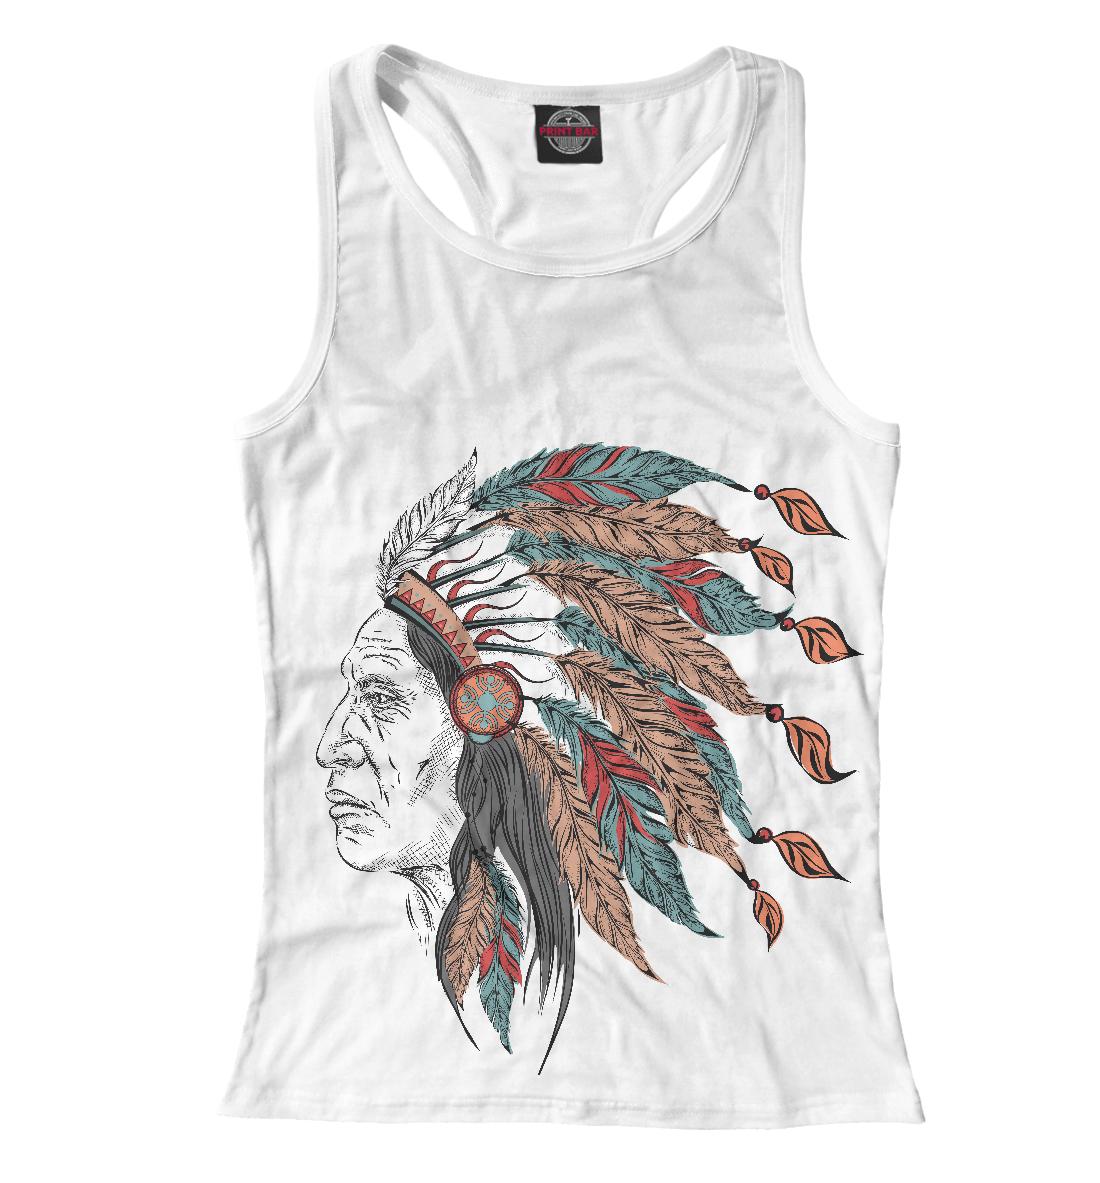 Купить Wise Indian, Printbar, Майки борцовки, HIP-609424-mayb-1